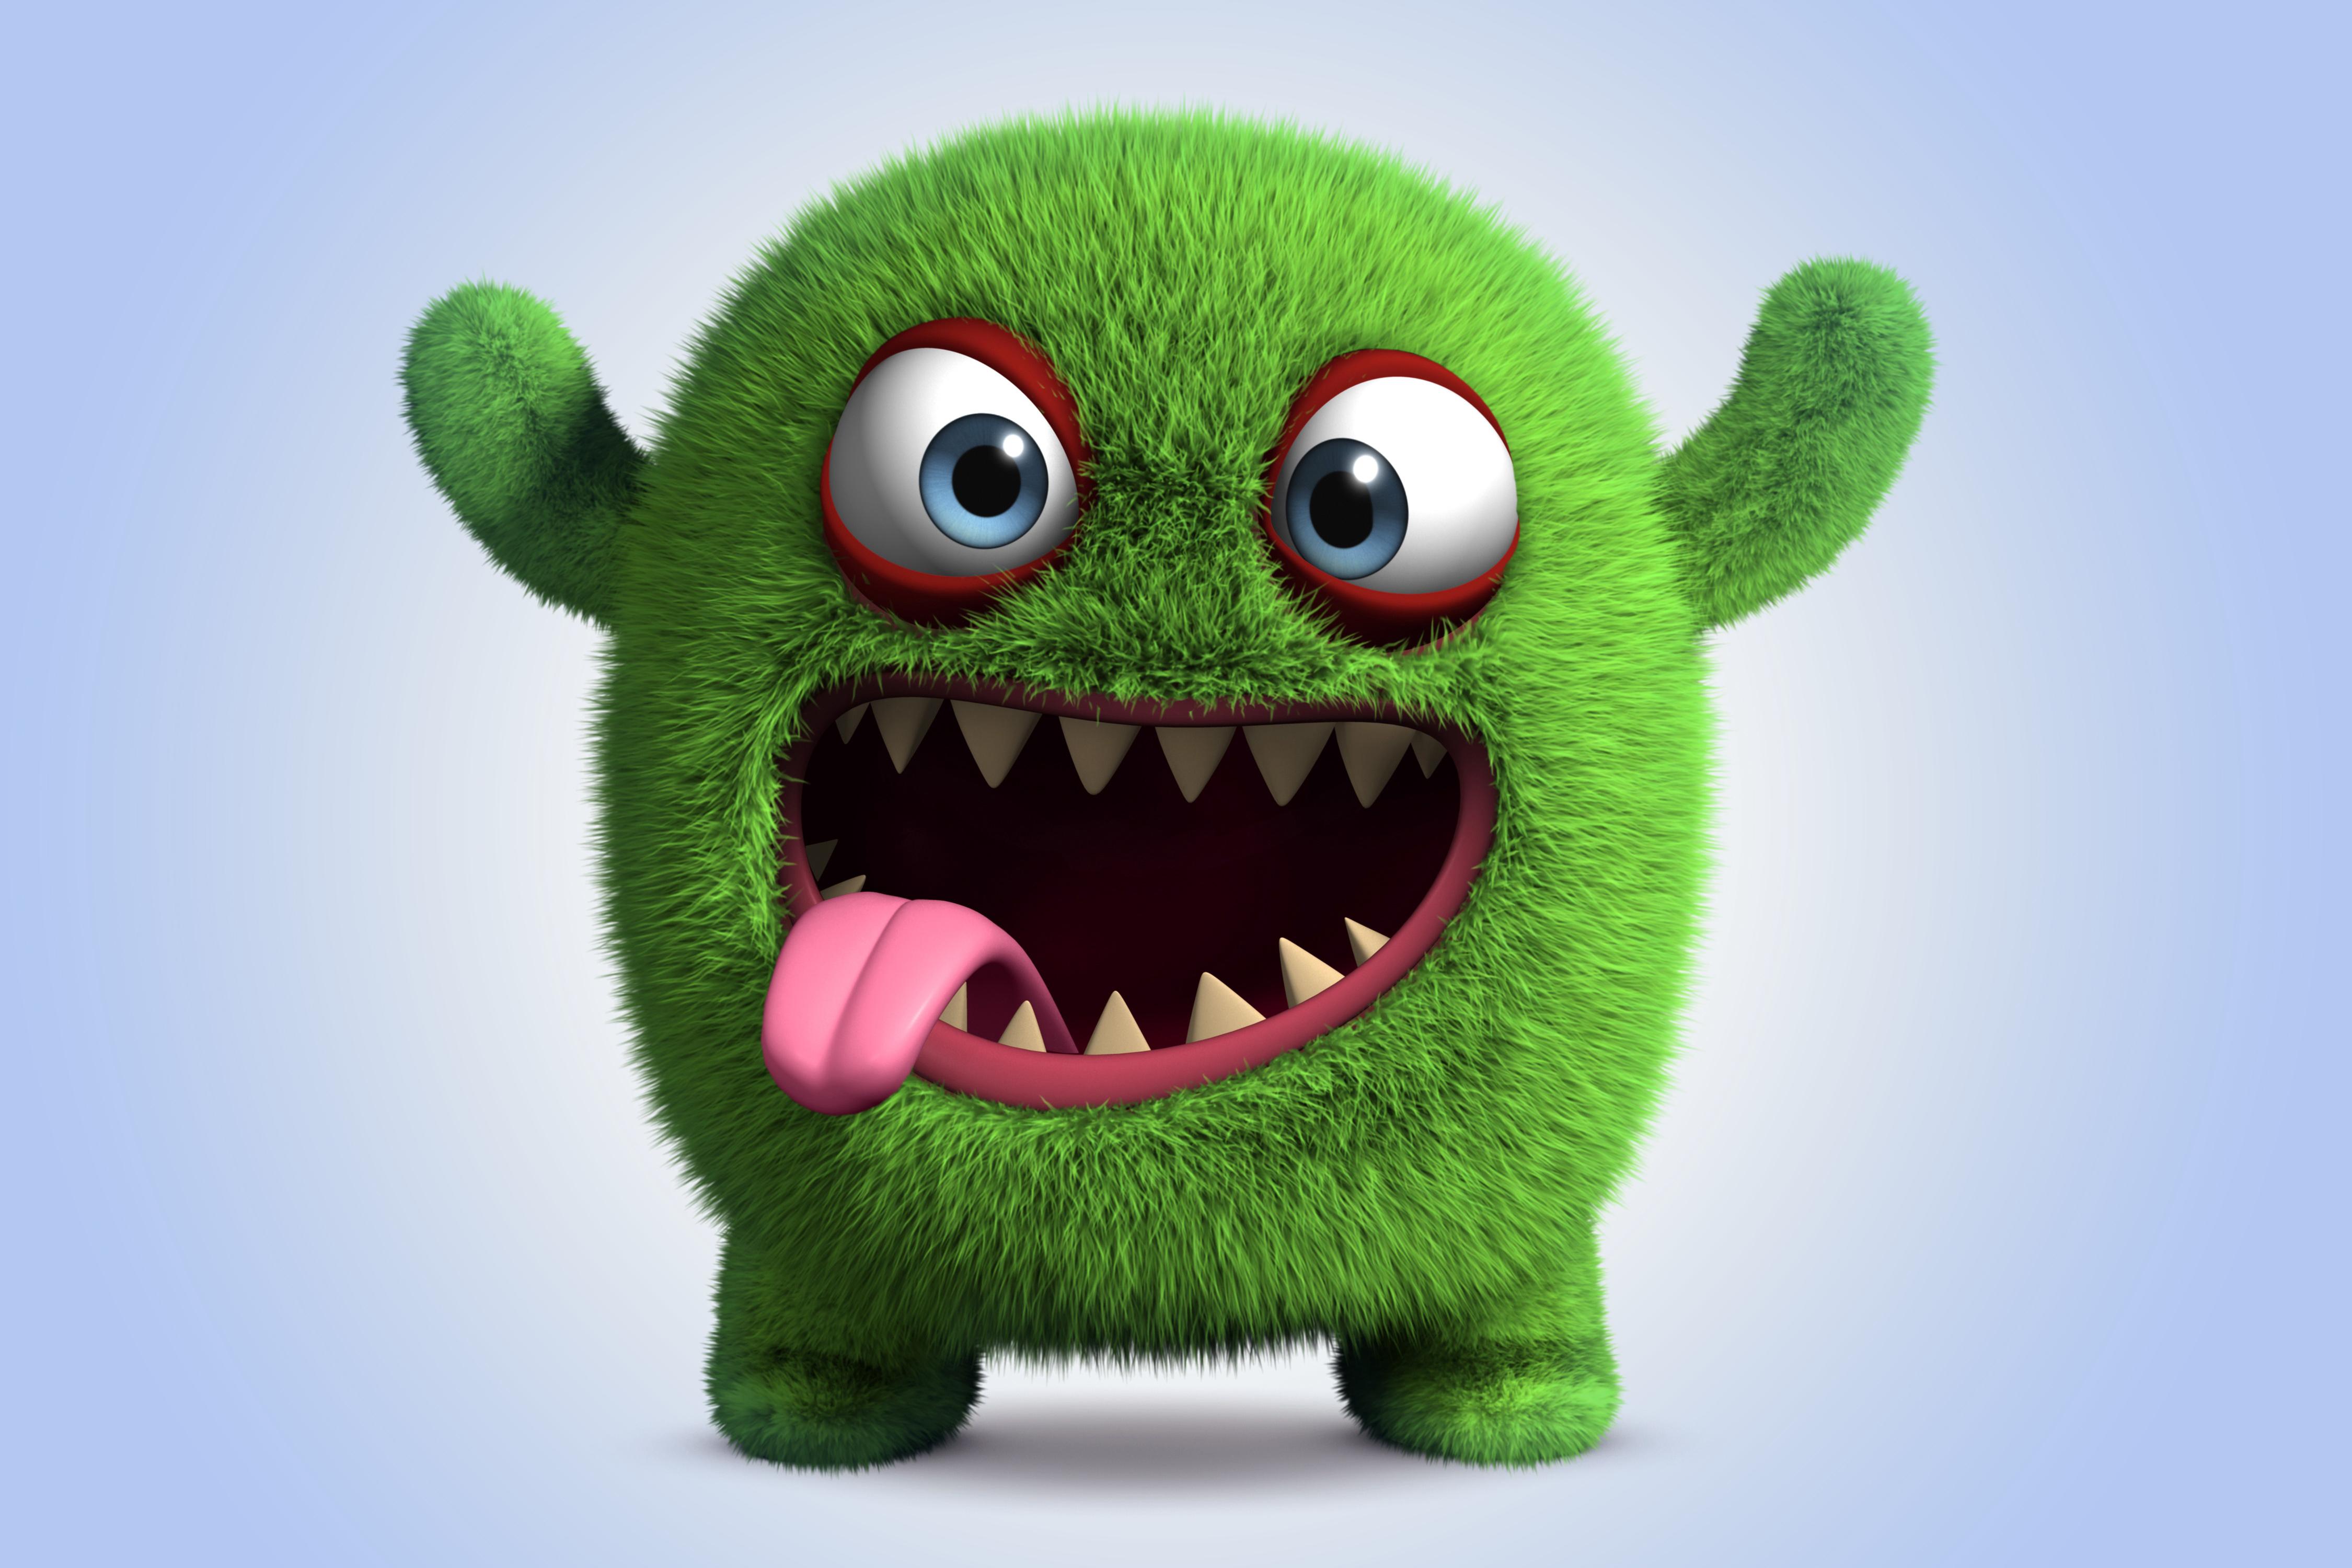 Download Wallpaper Monster Monster Smile Cartoon